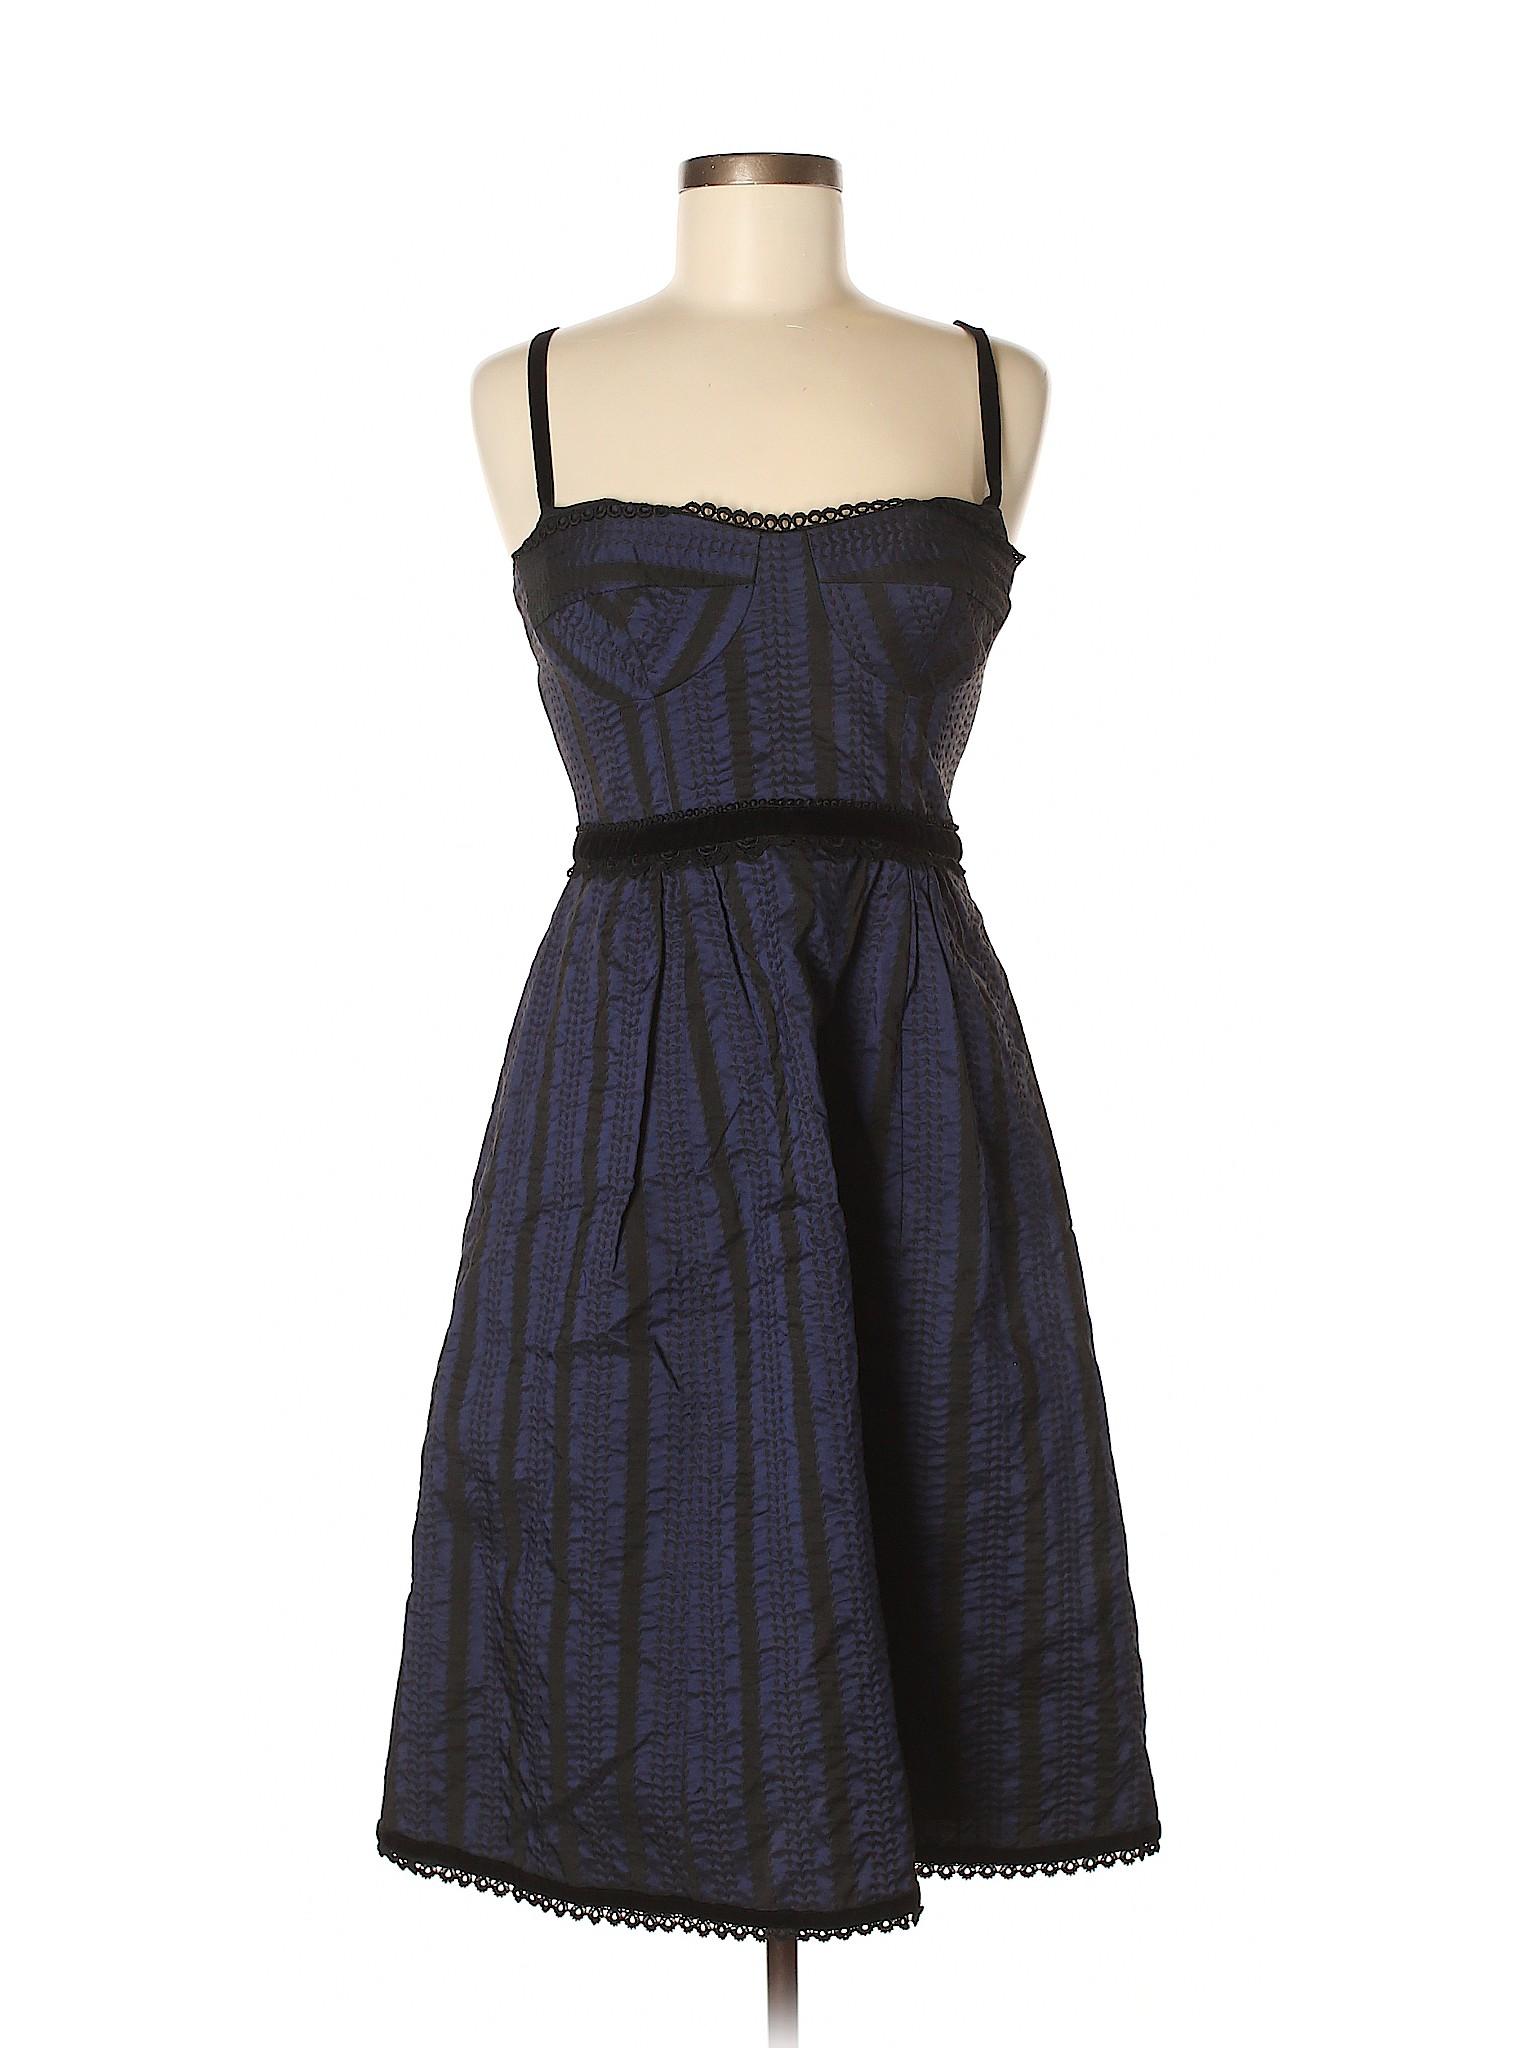 Lepore Nanette Boutique Dress winter Casual wWBXyqxAR